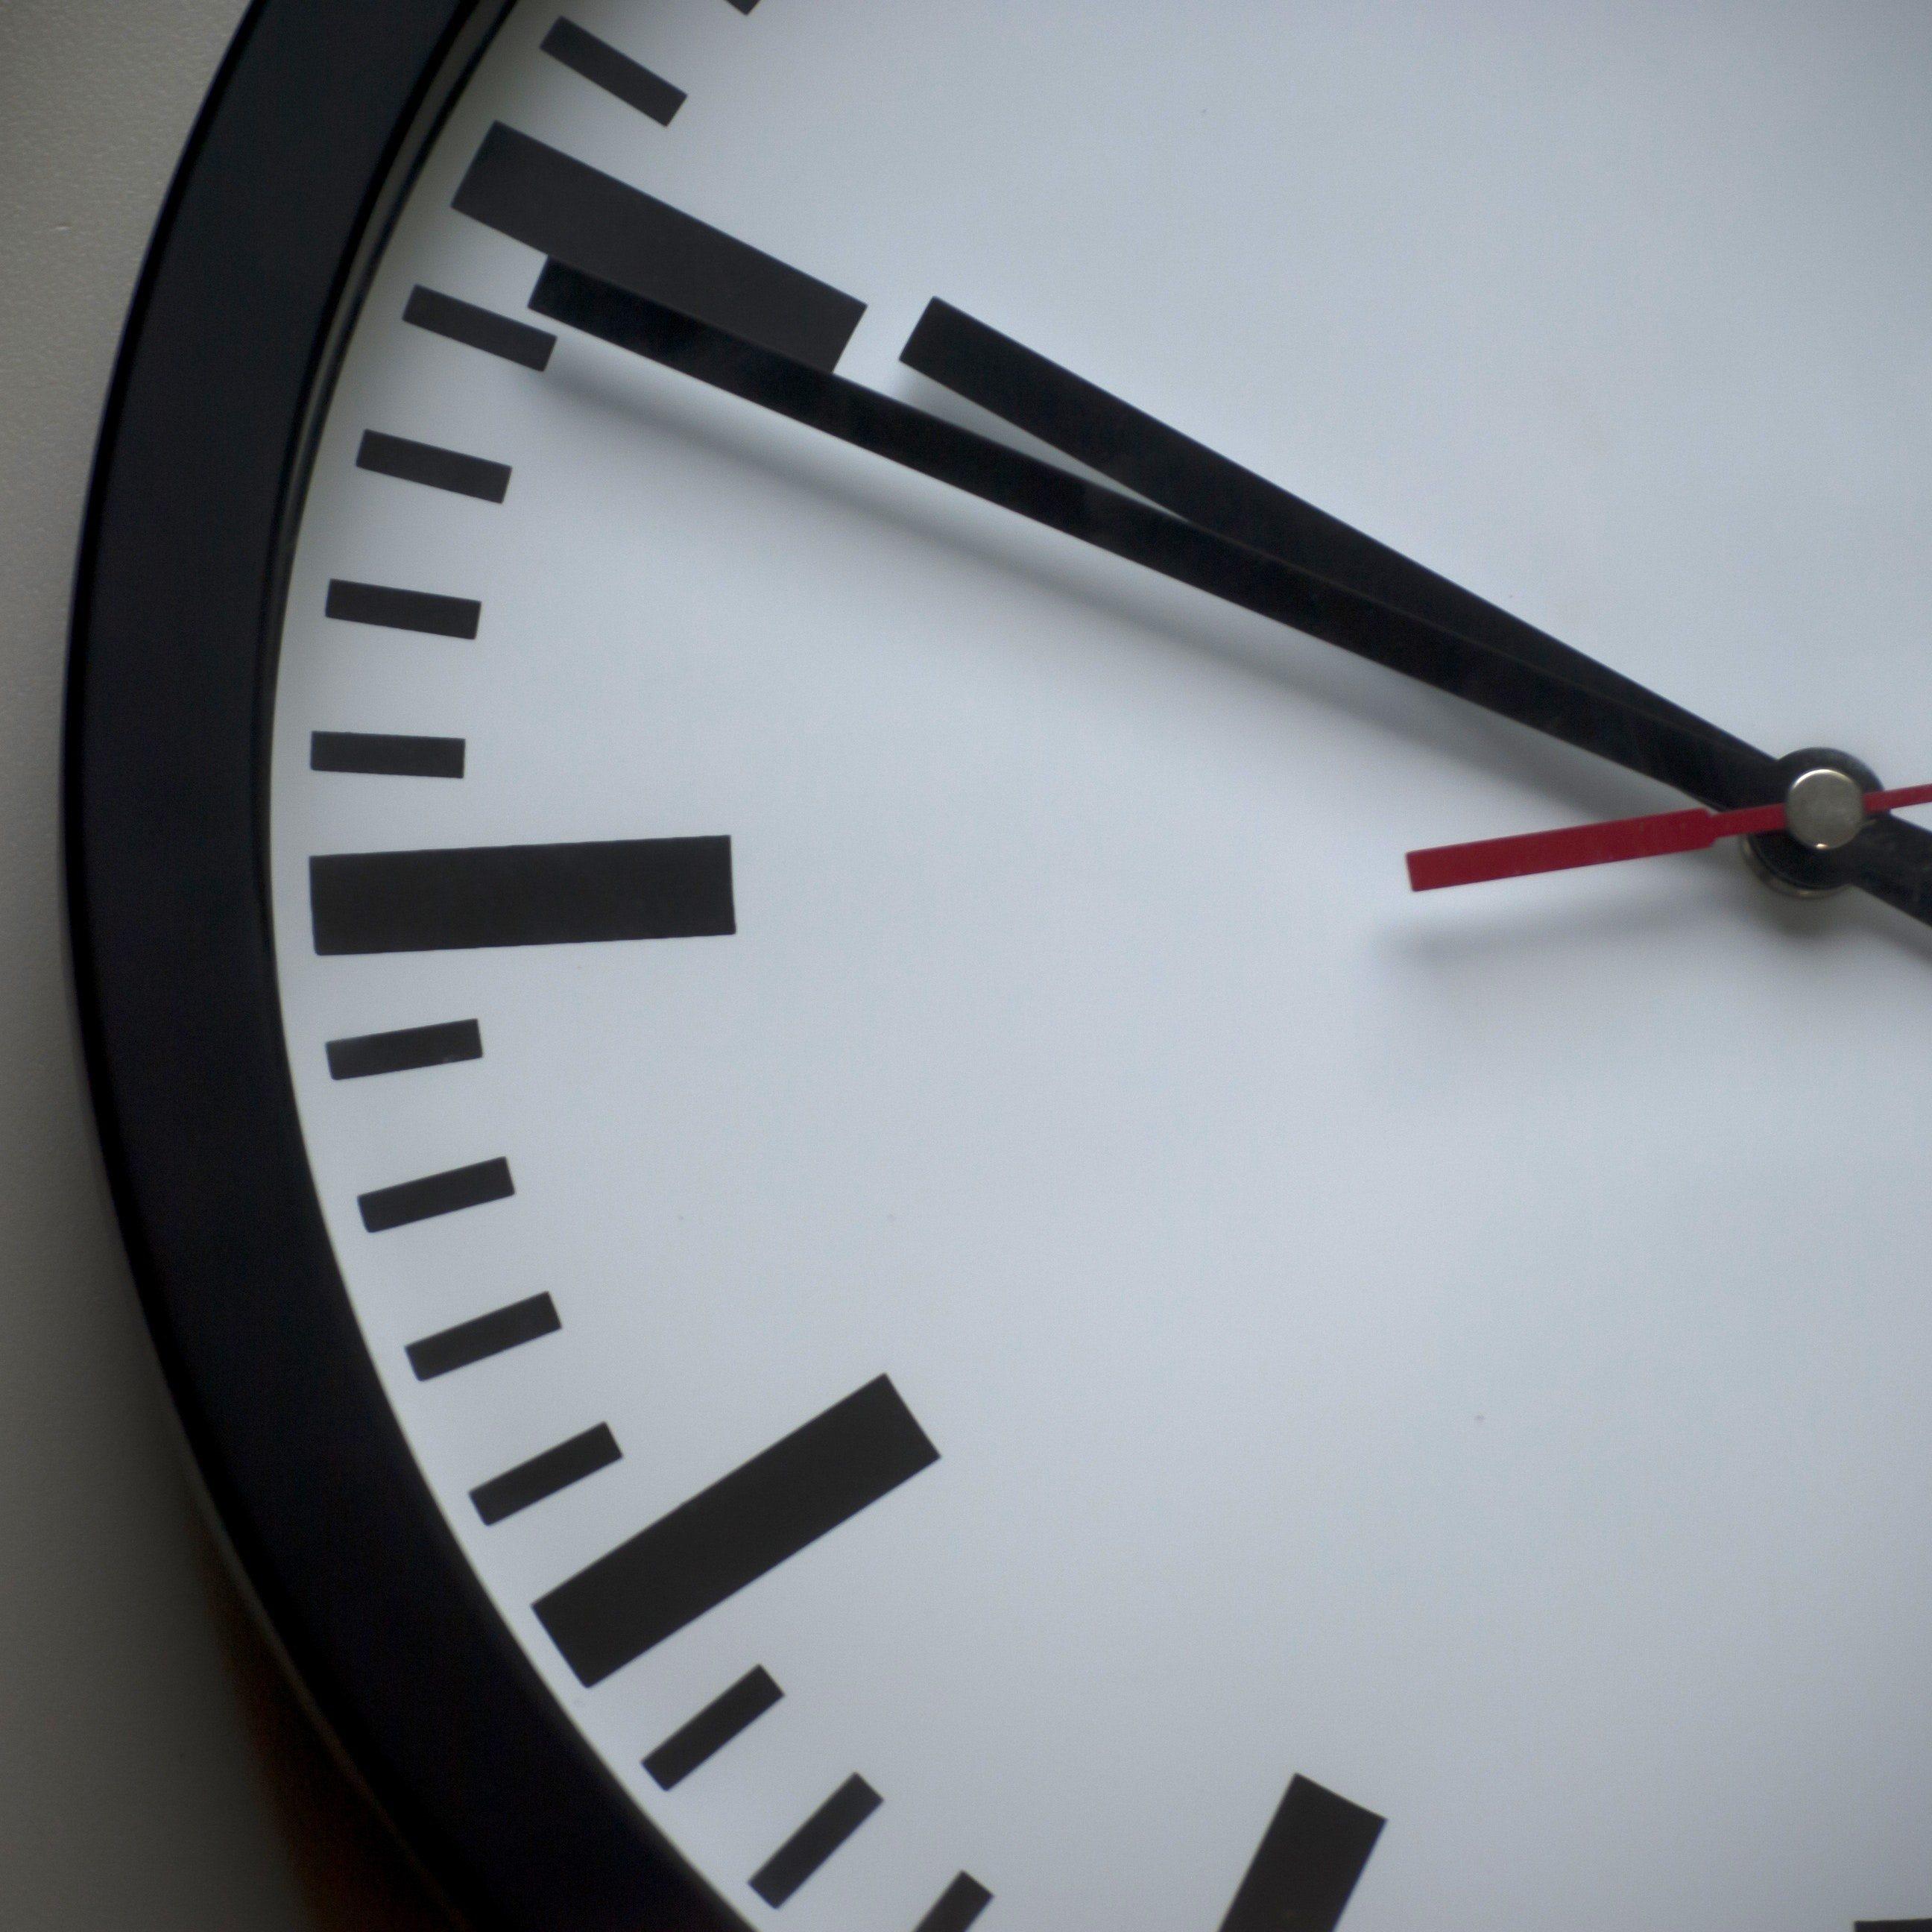 analogue-classic-clock-face-280264